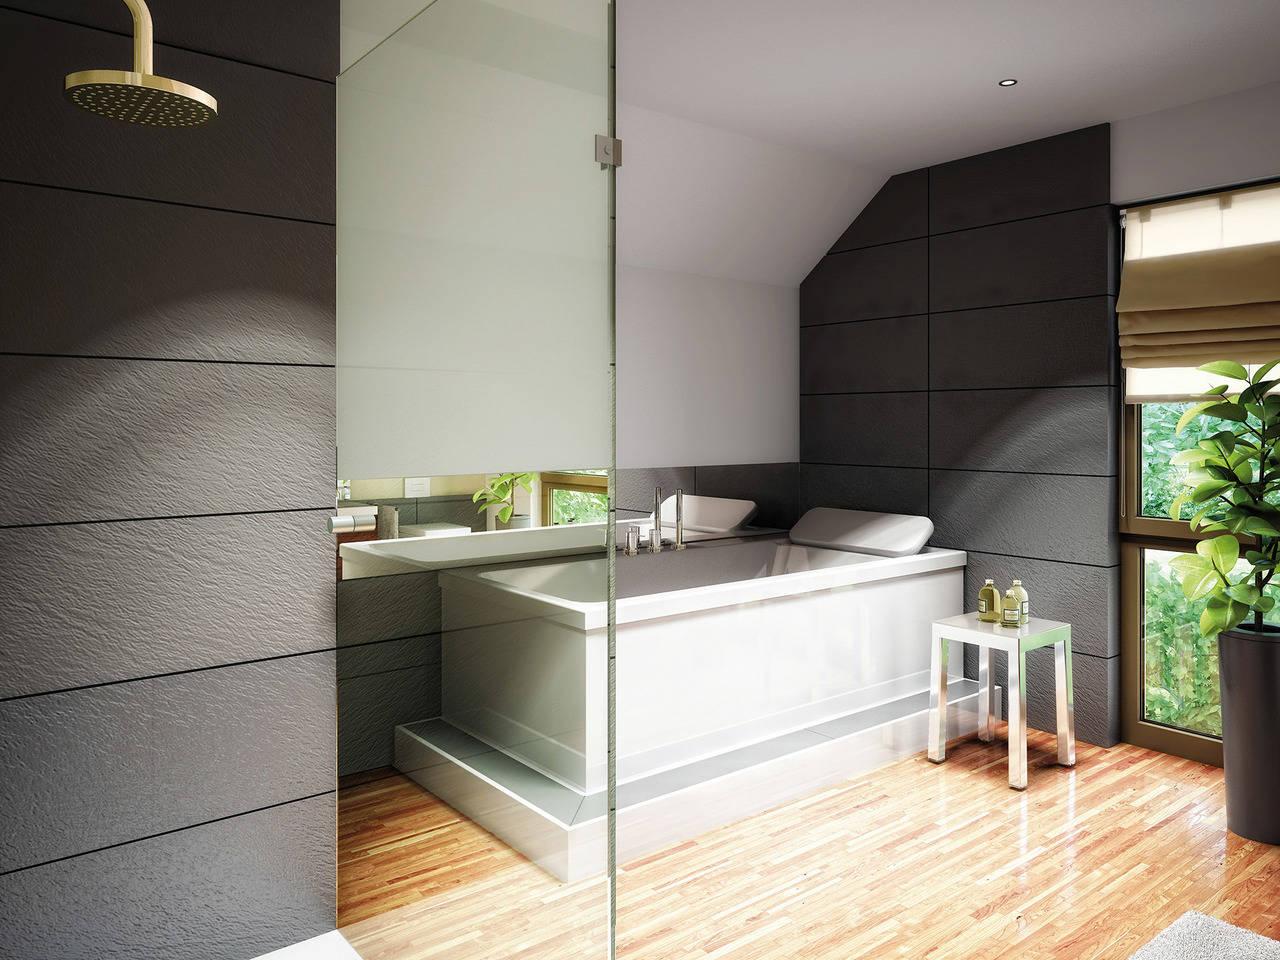 Haus SOLUTION 124 V7 Badezimmer von Living Haus